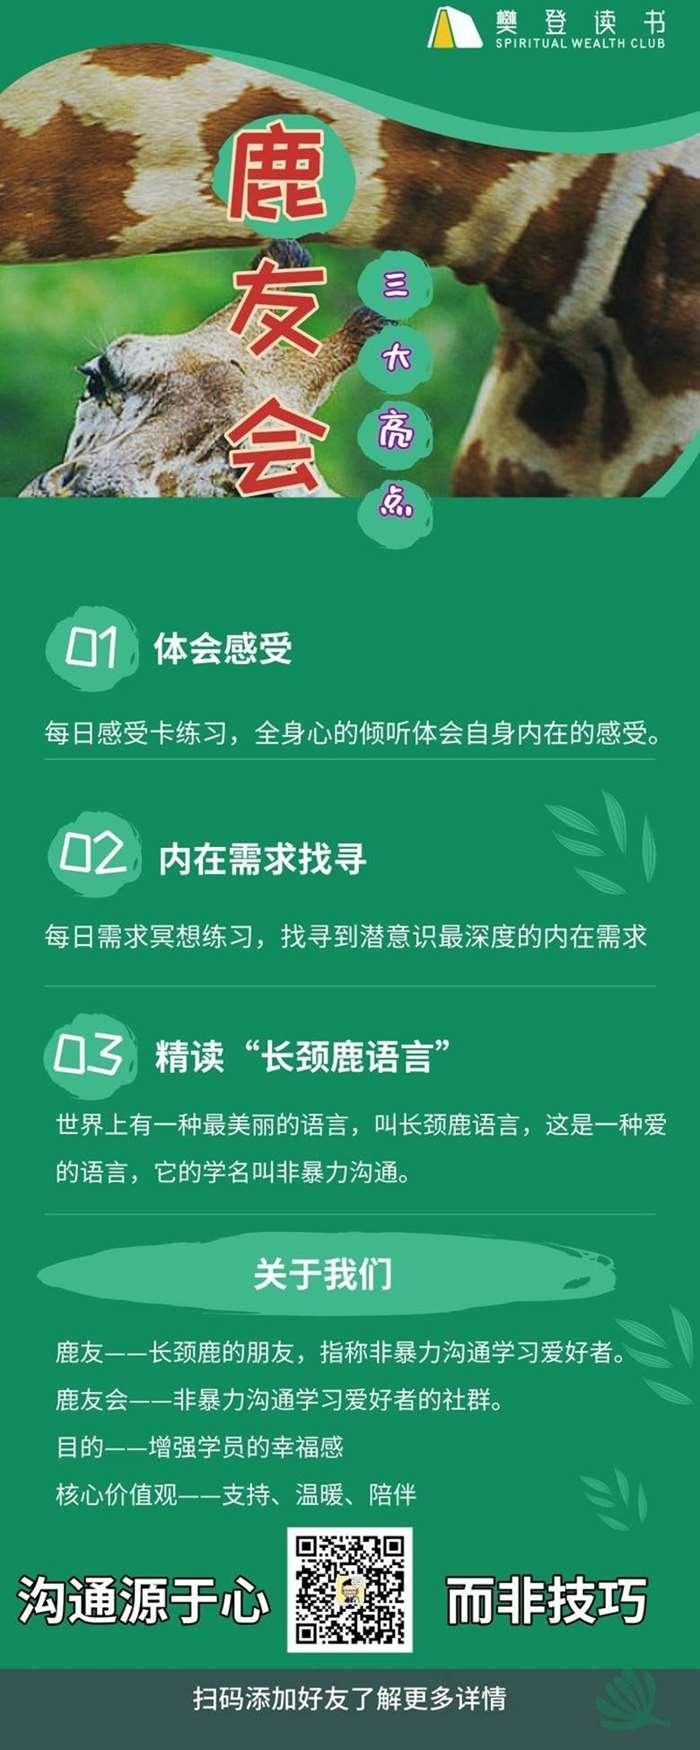 默认标题_长图海报_2019.08.08.png